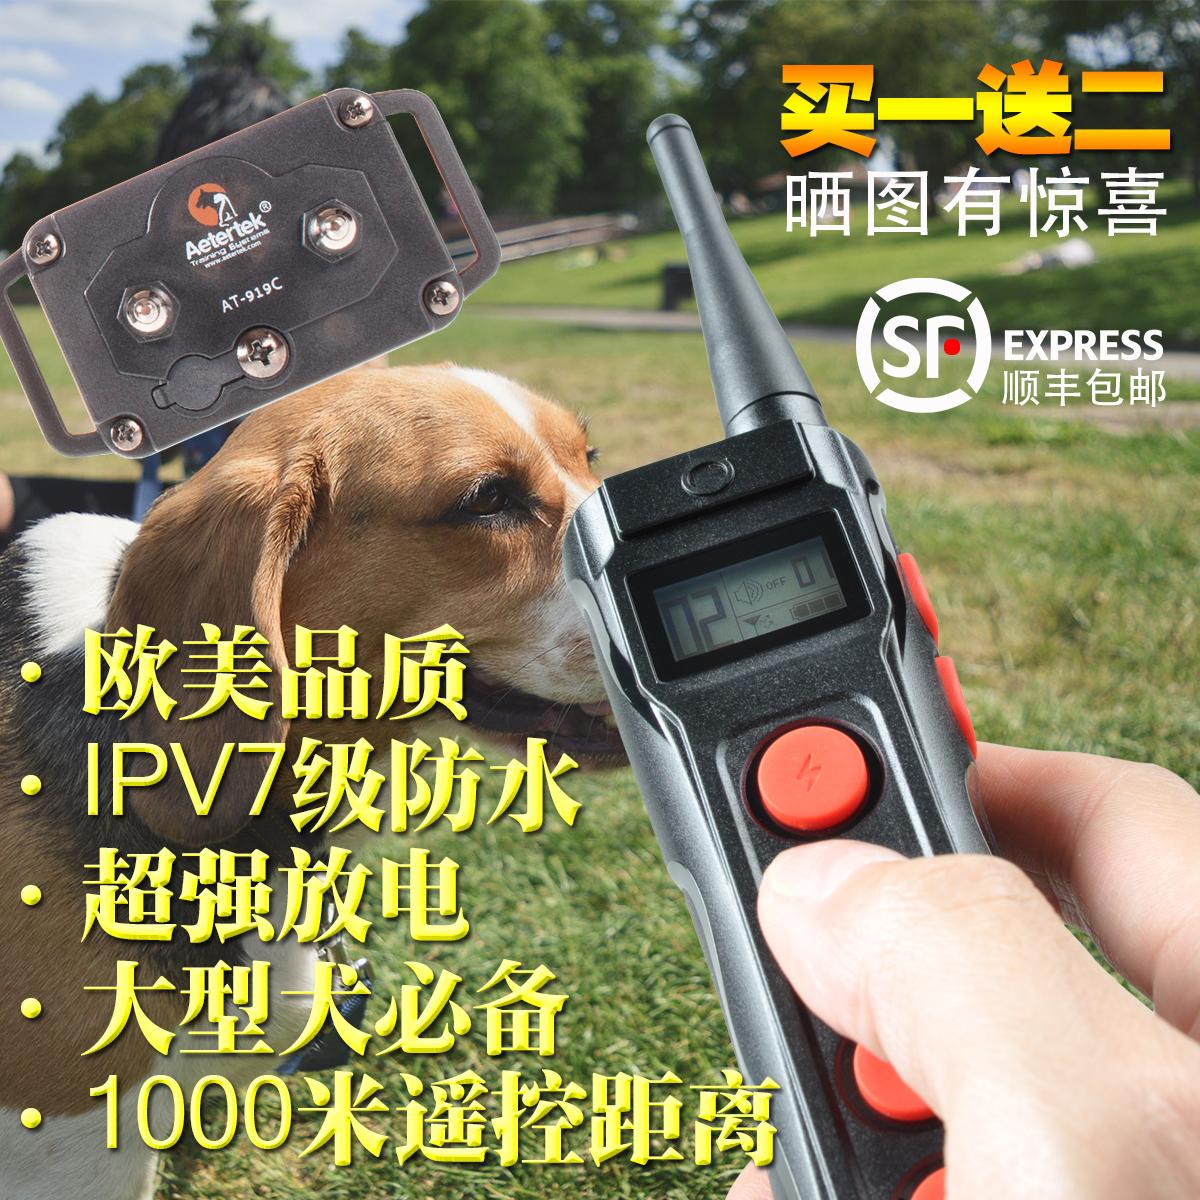 Aetertek автоматическая Стоппер большой собаке храп устройства электрический шок воротник тренировки собака называется anti-call устройства остановить воротник